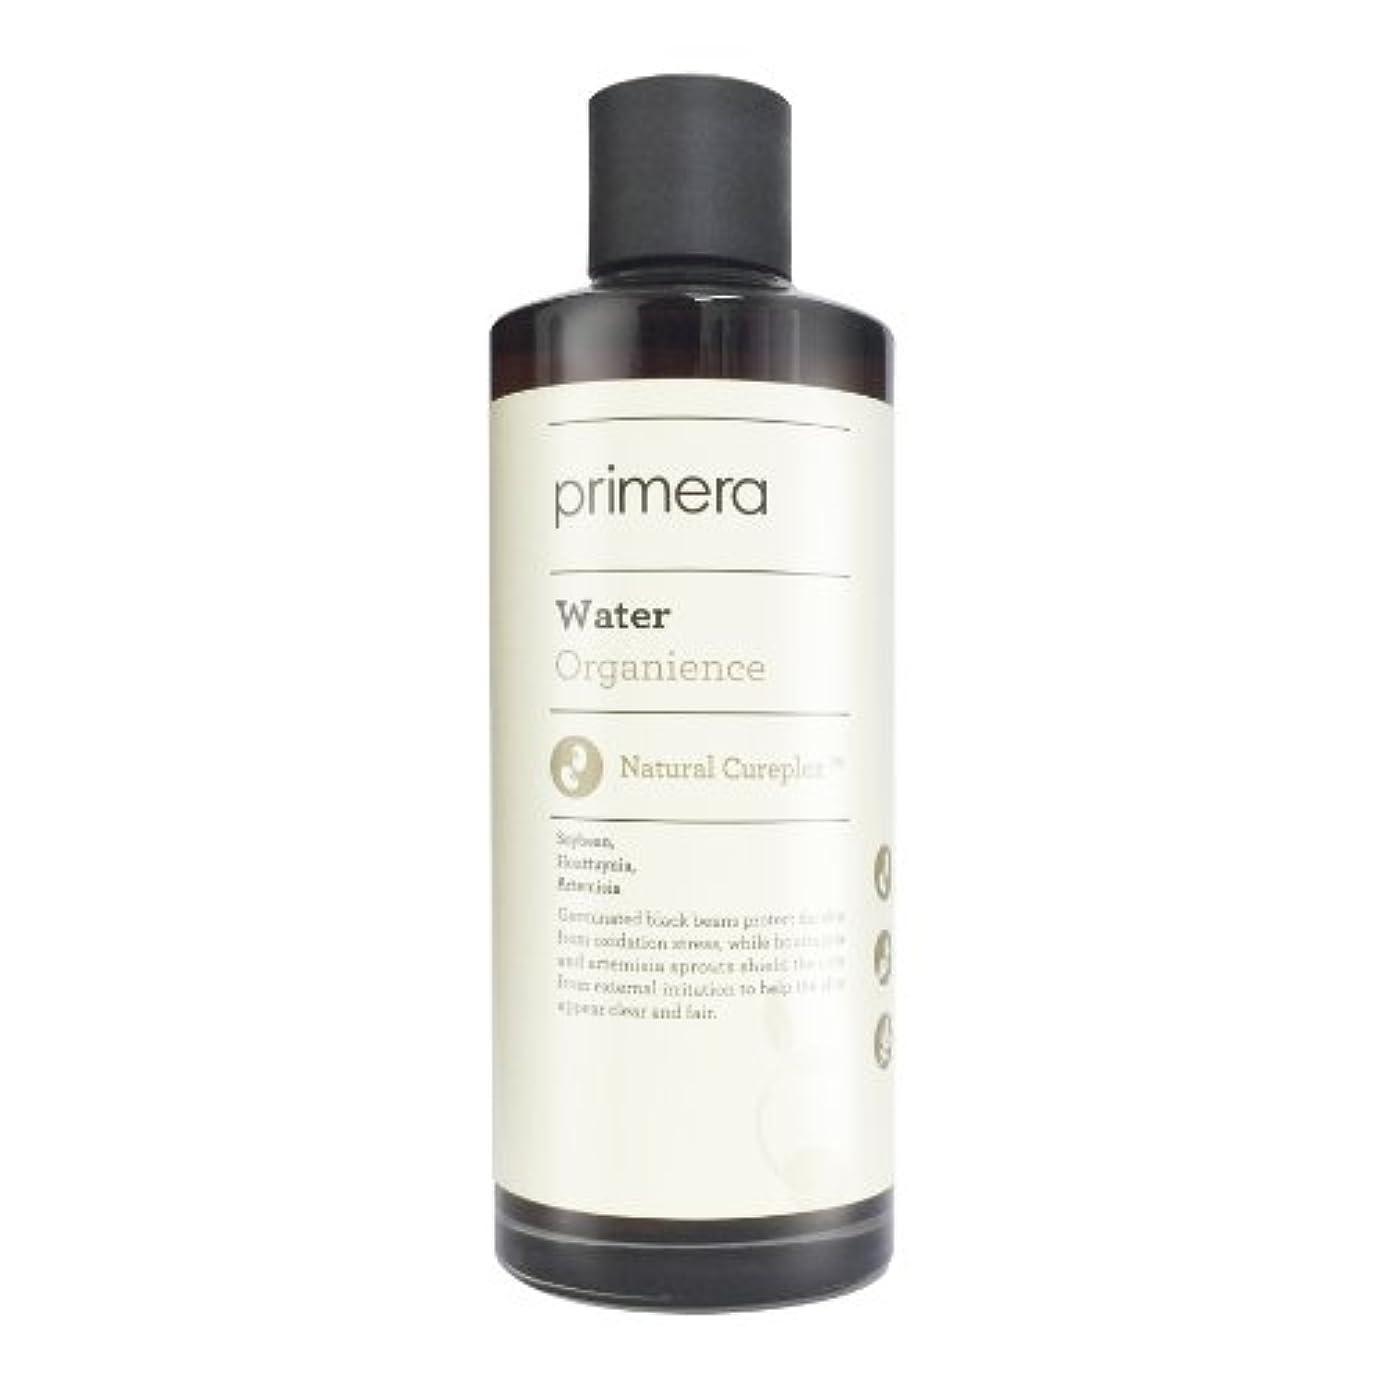 やけど脚本シンポジウムPrimera/プリメラ オーガニエンスウォーター180ml(Organience water)